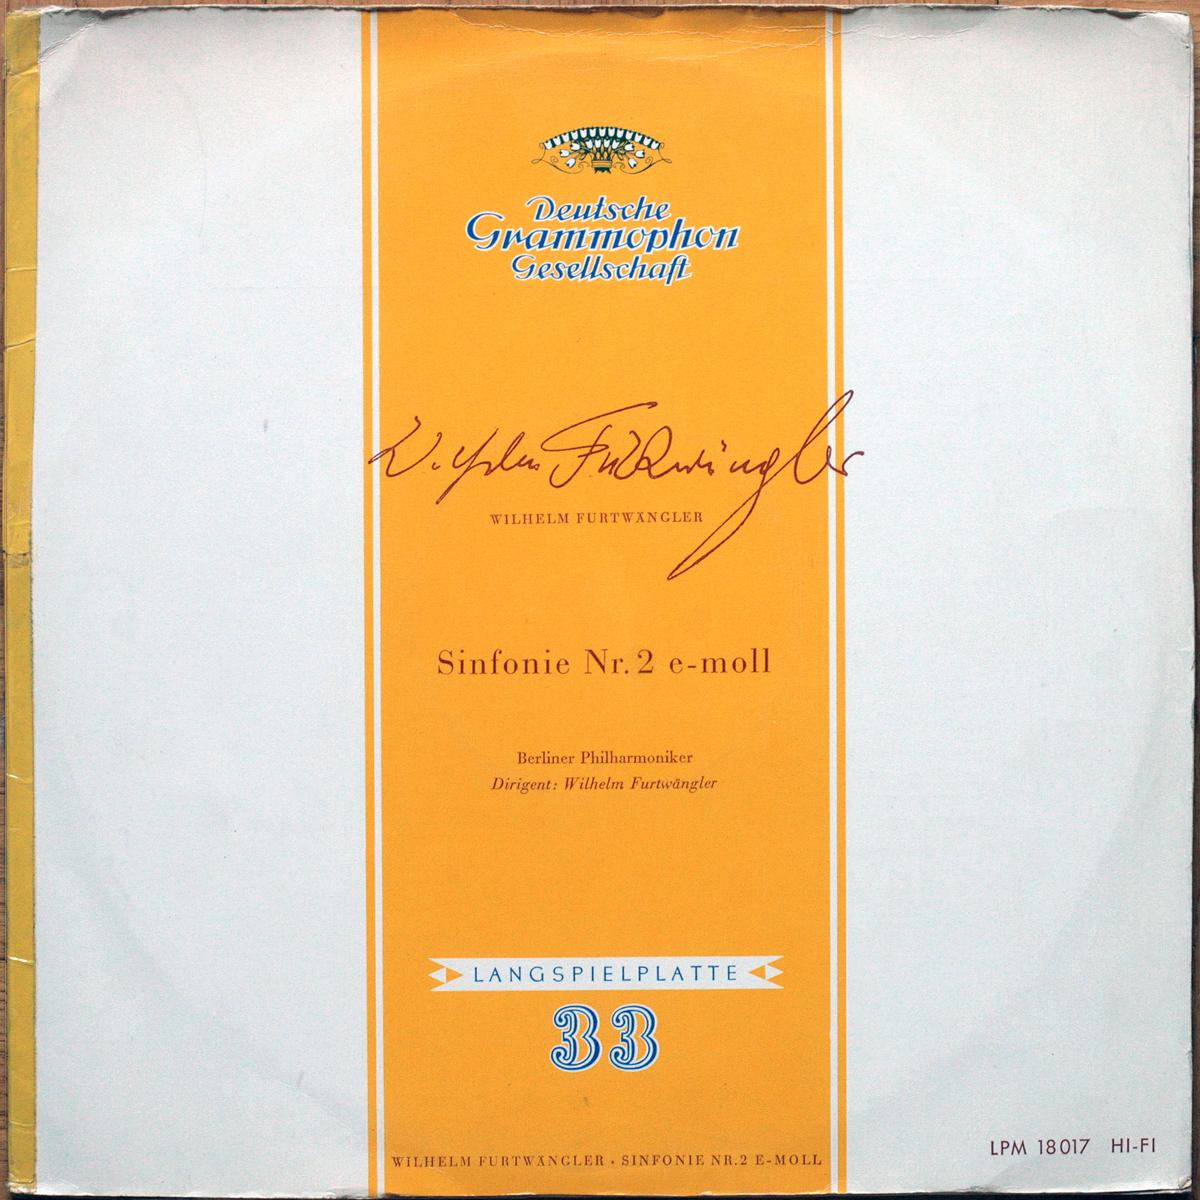 DG | Deutsche Grammophon | Records | LP | Vinyl | Label Guide | Références